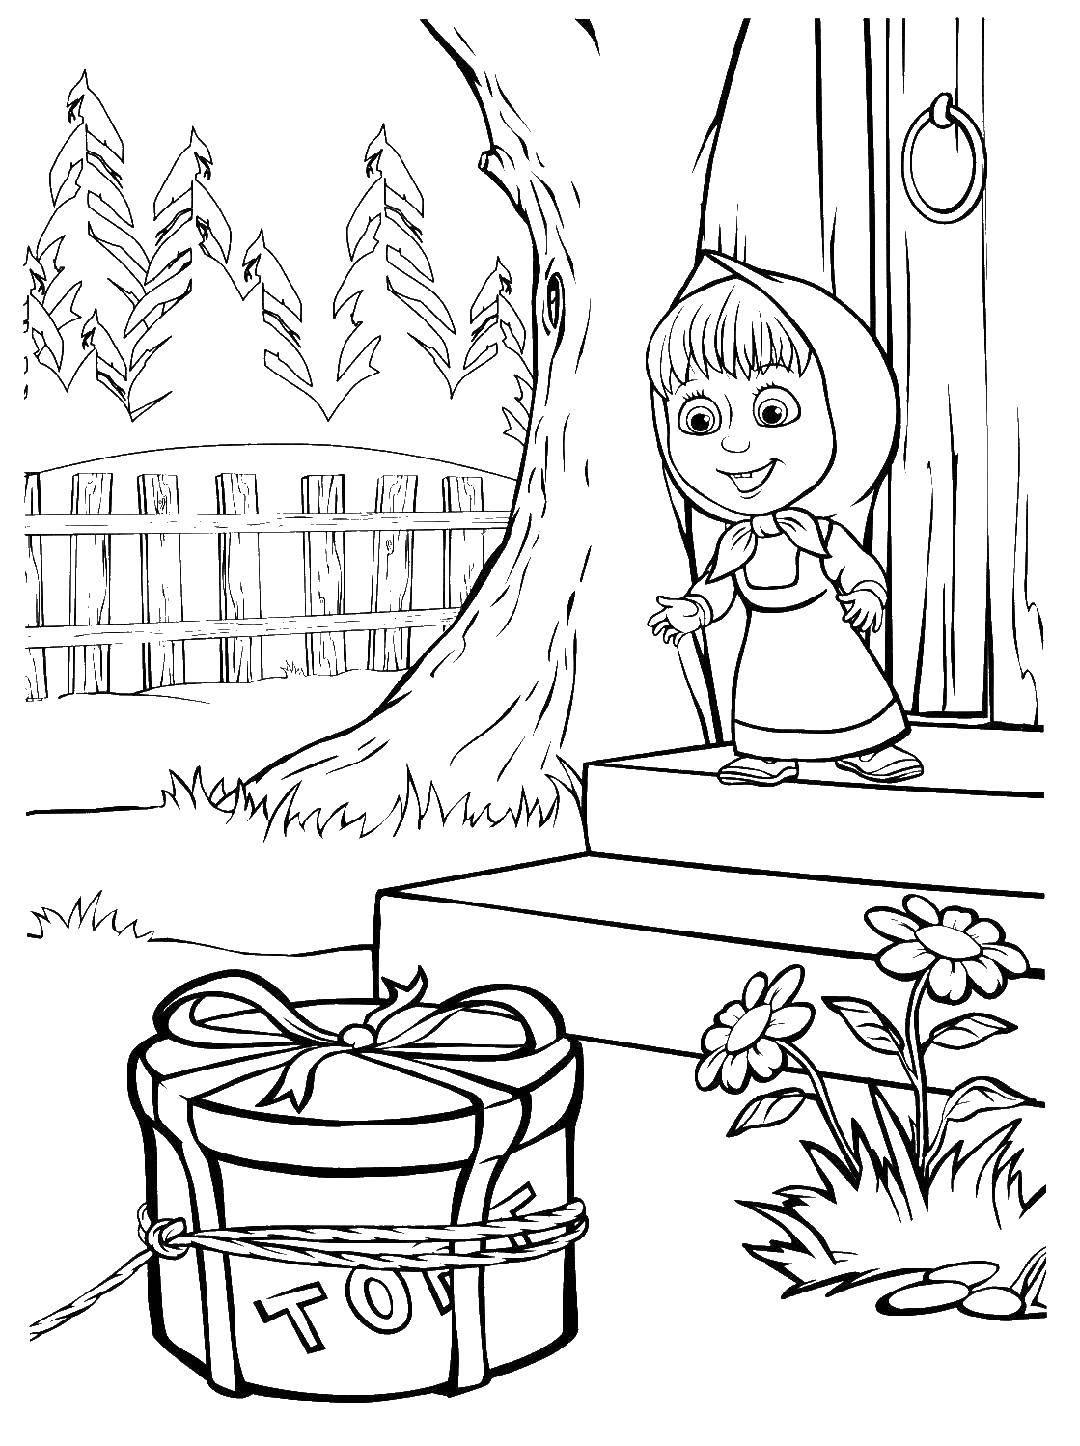 Раскраска Маша бежит за тортом Скачать Маша, Медведь.  Распечатать ,маша и медведь,